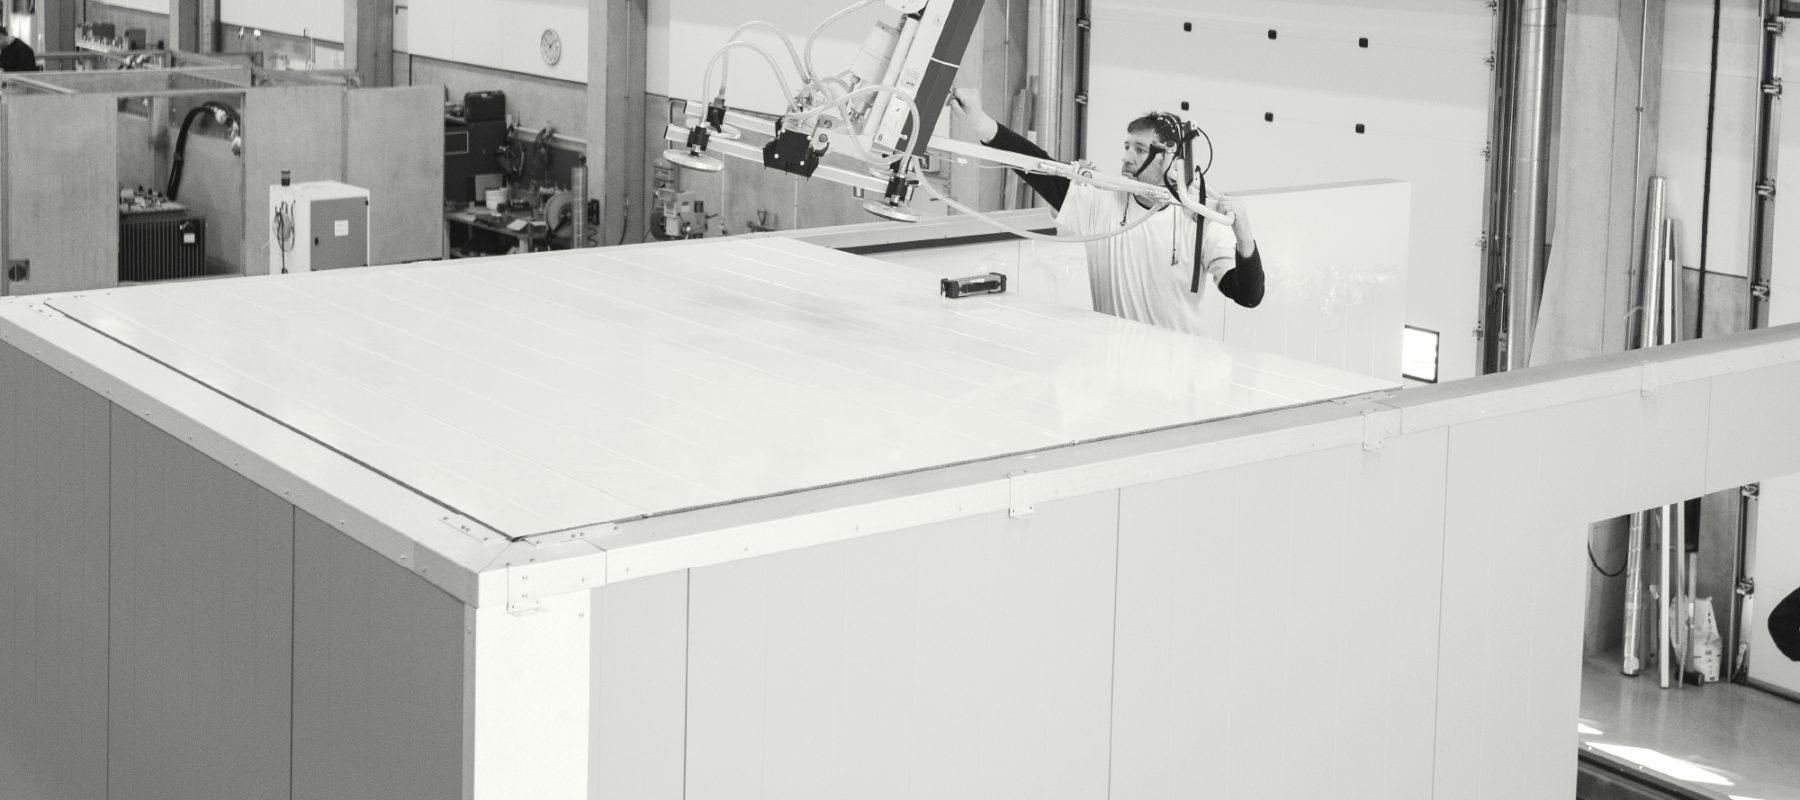 Kundanpassade lösningar. <br /> Prefabricerade och provade i fabriksmiljö. <br /> Redo att användas direkt.